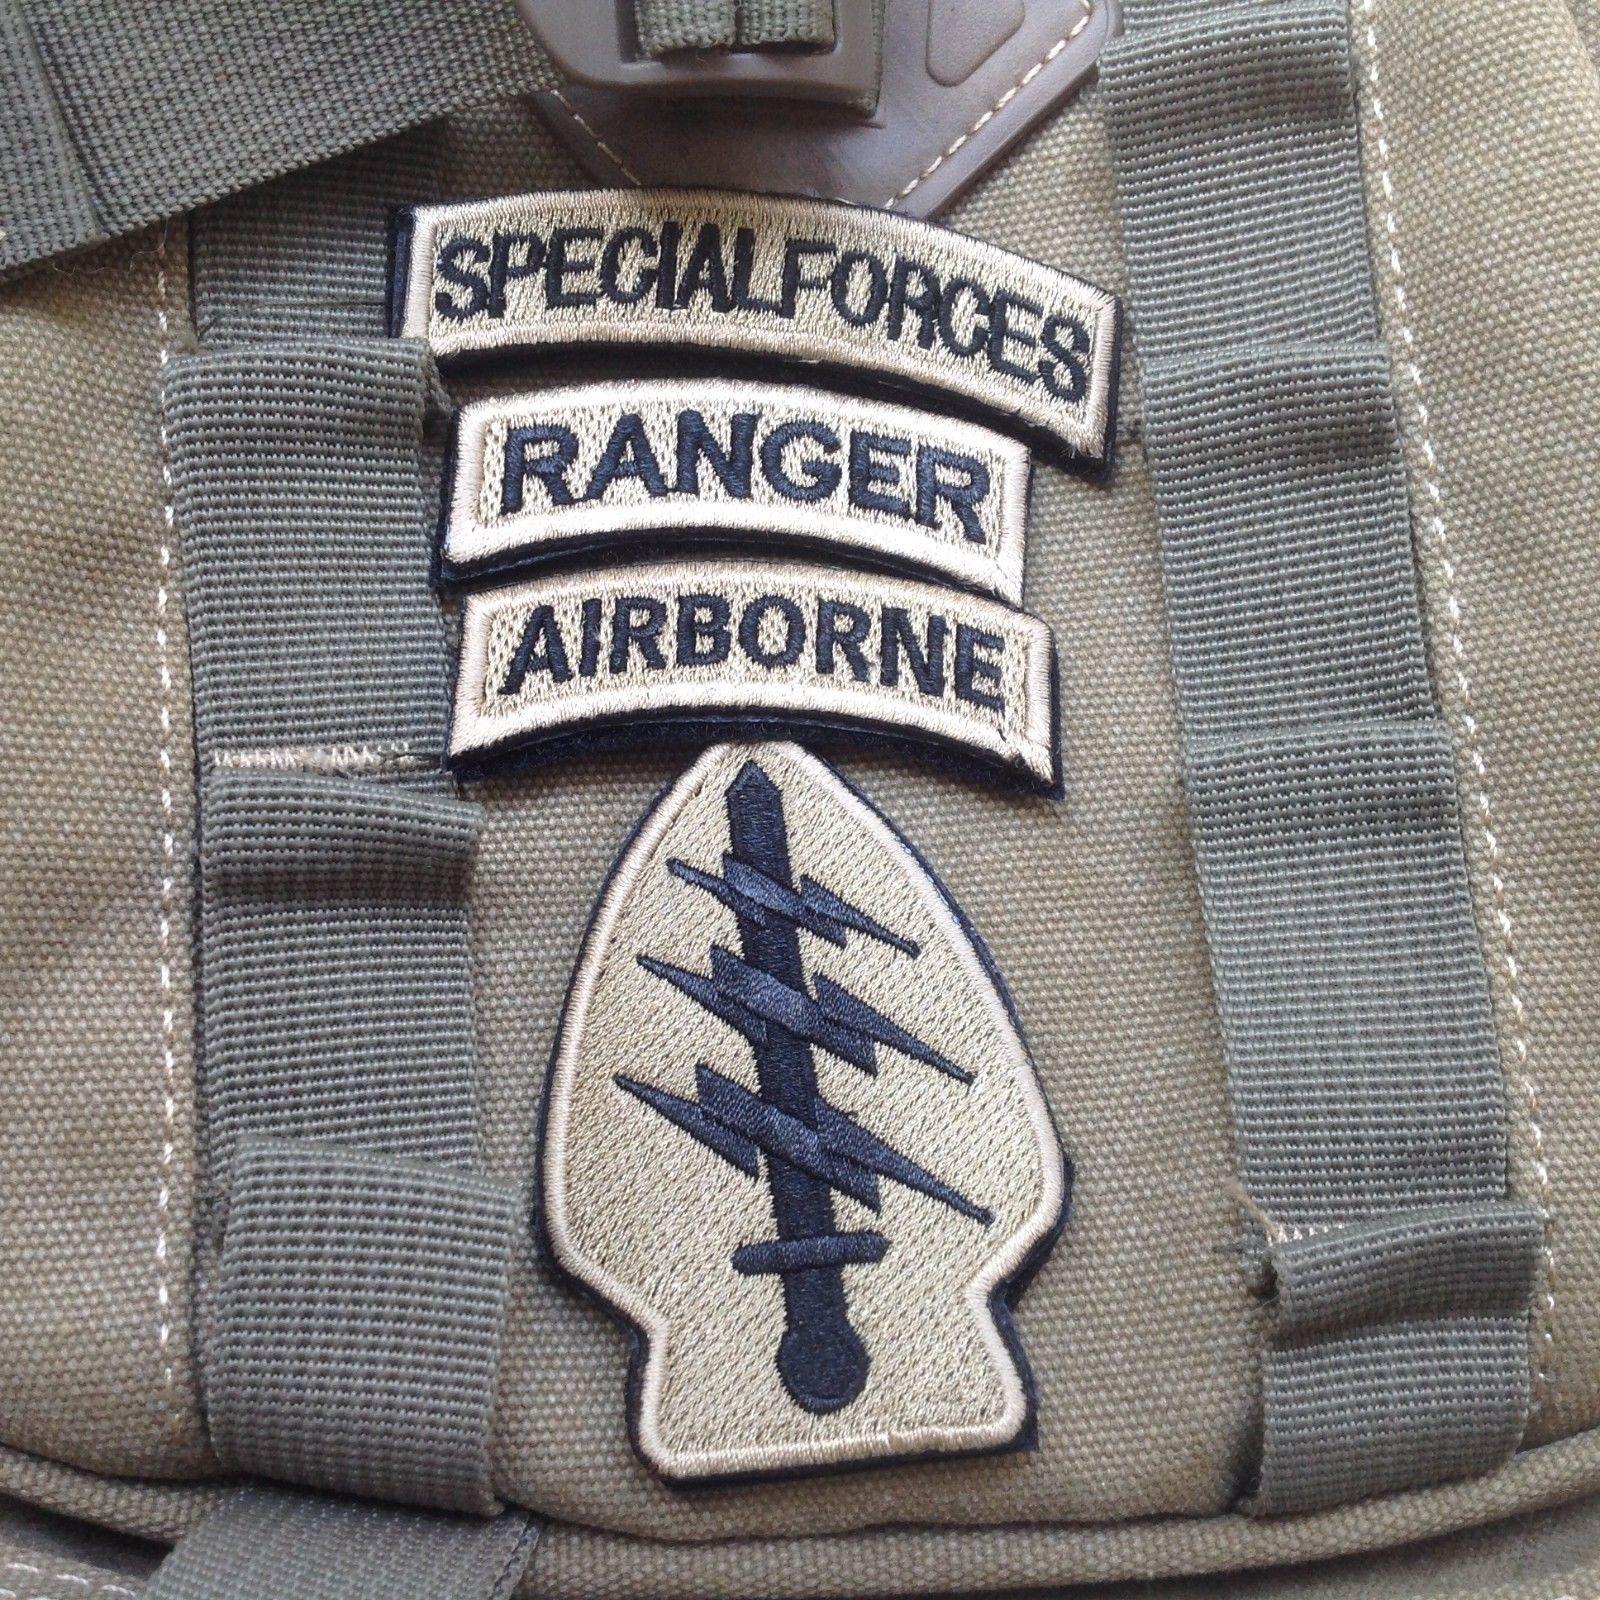 4件套美國特種部隊+遊騎兵+空降兵+陸軍特種部隊刺繡魔術貼徽章